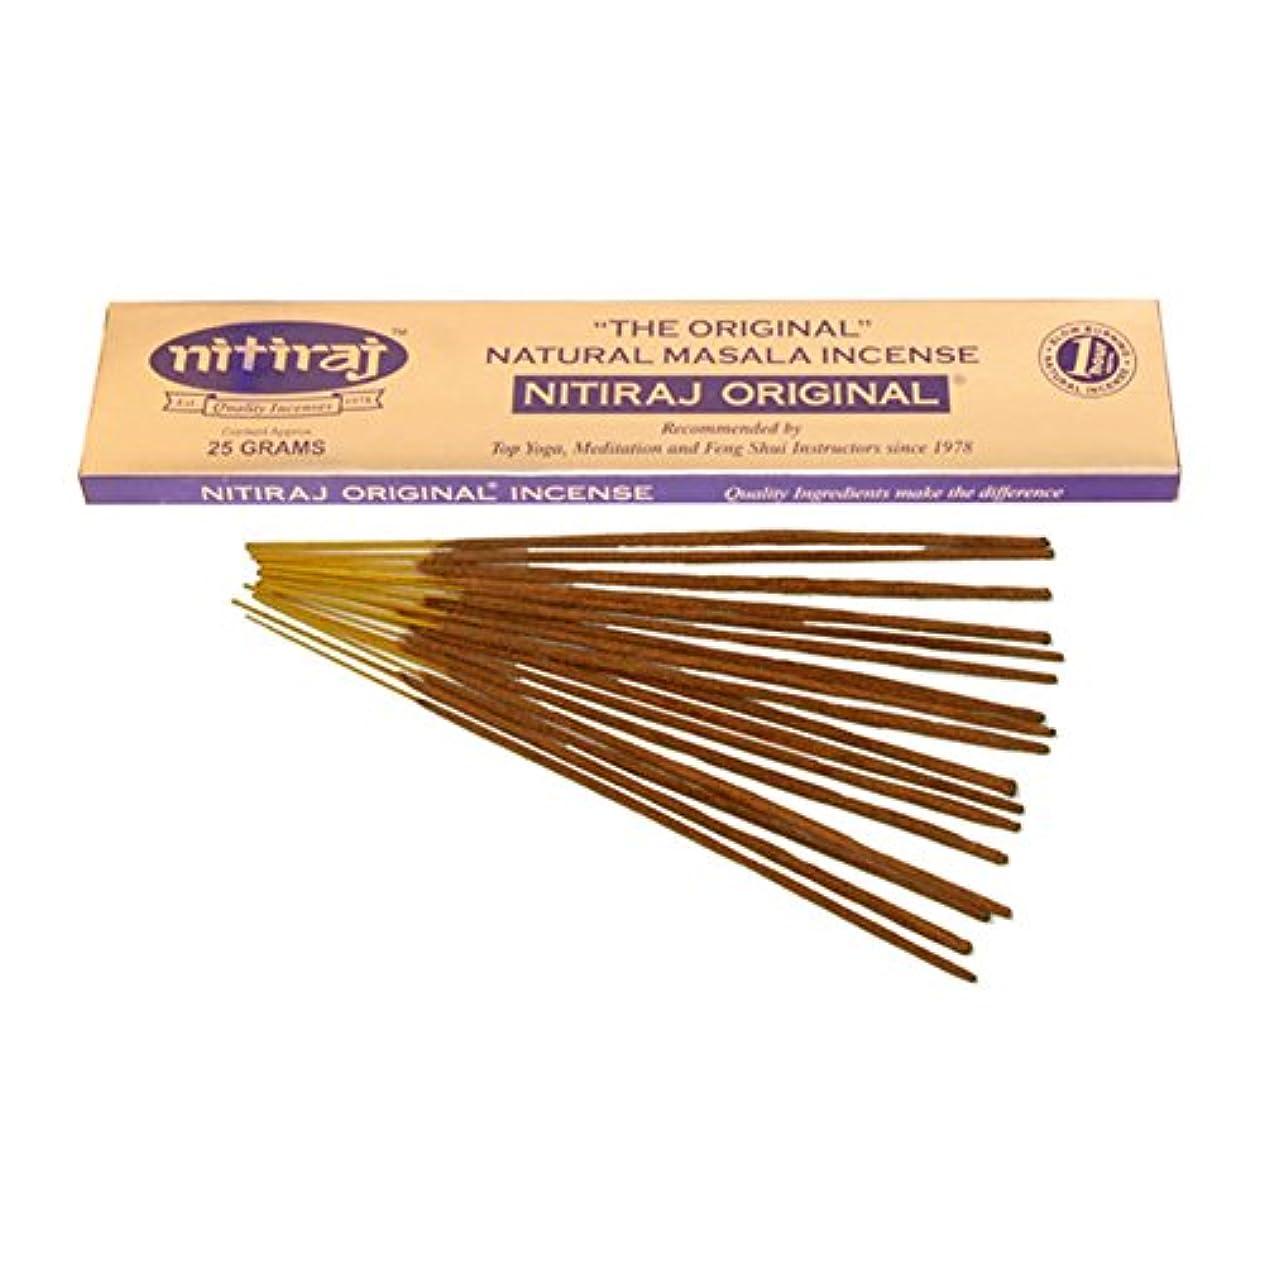 シャイニング責任者ボーダー(25 Grammes) - Nitiraj The Original Natural Masala Incense Slow Burning 1 Hour per Stick